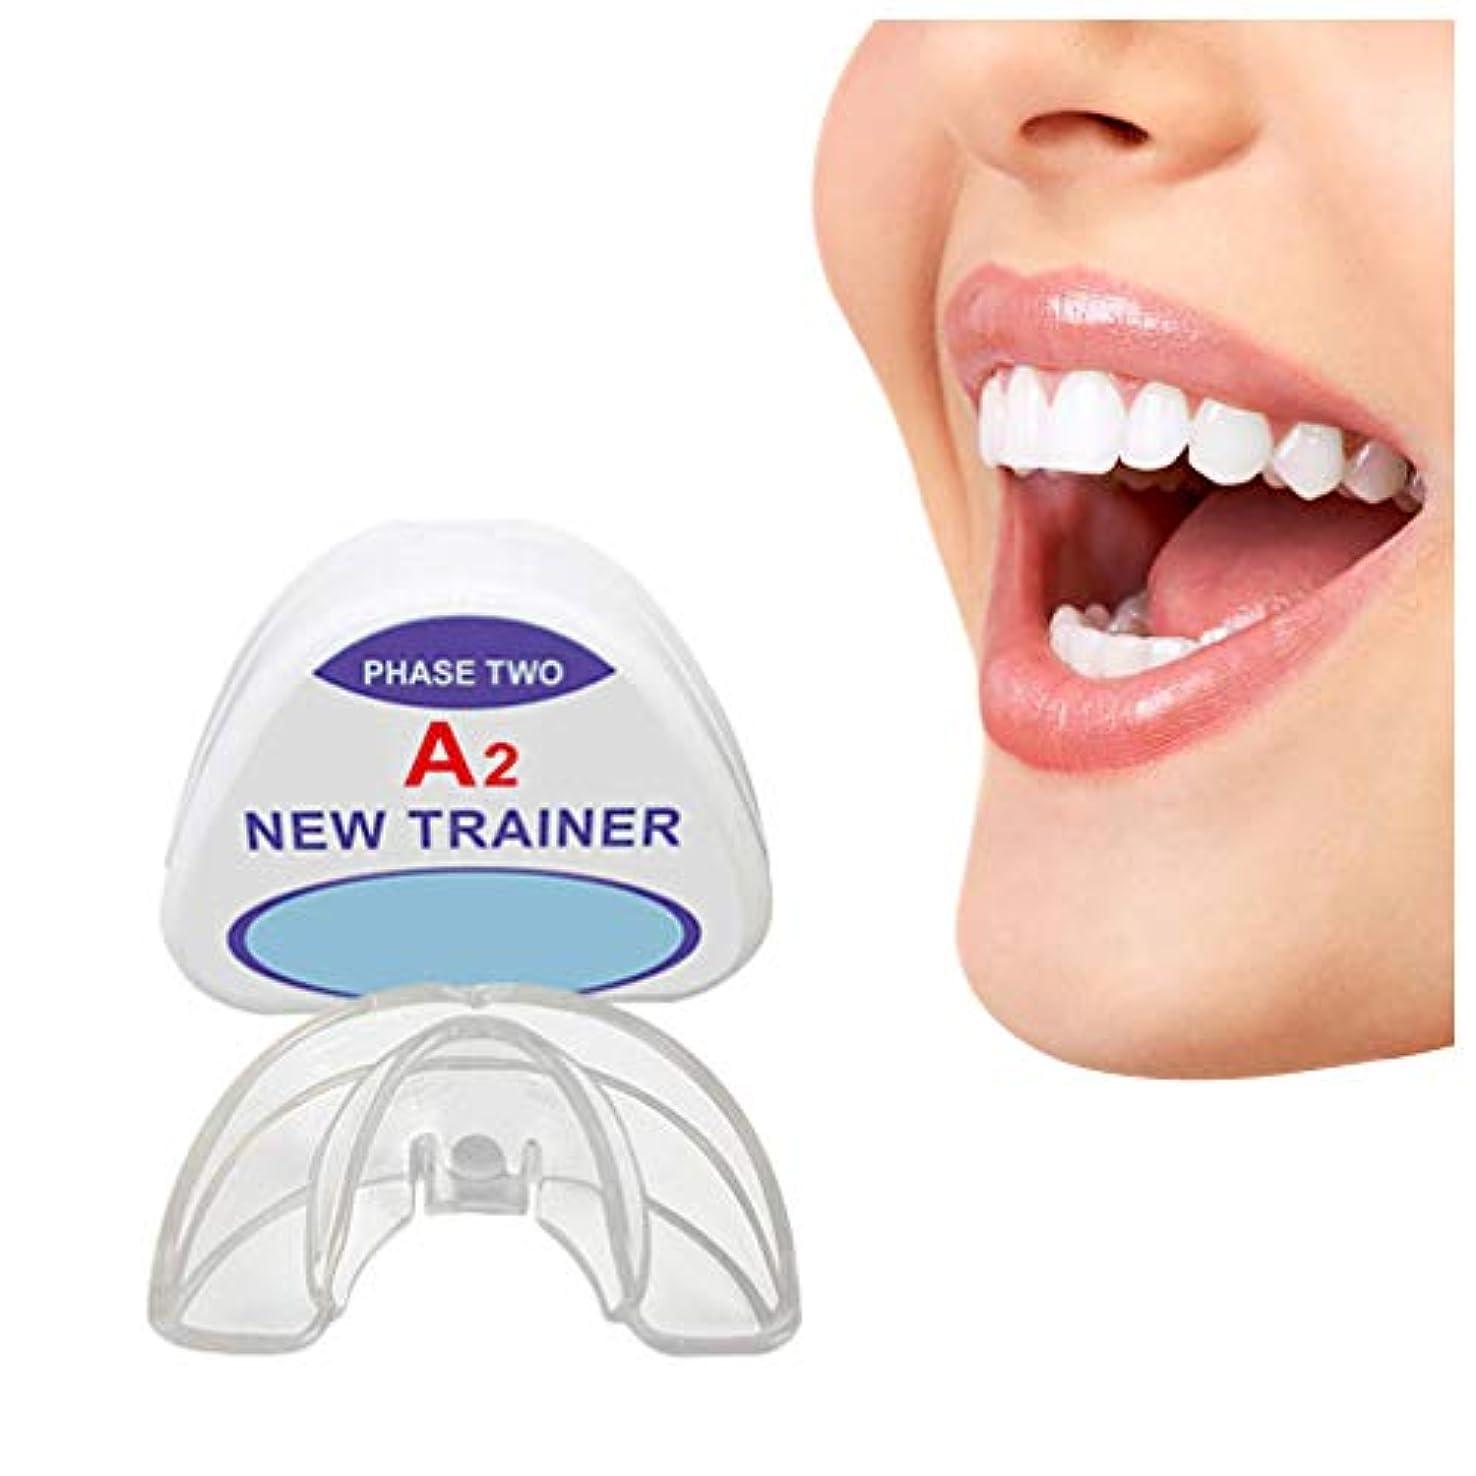 より平らな覚醒引き受ける歯アライメントトレーナーリテーナー、歯科矯正トレーナー、ナイトマウスガードスリムグラインドプロテクター、大人のためのトレーナー歯アライメントブレース,A2